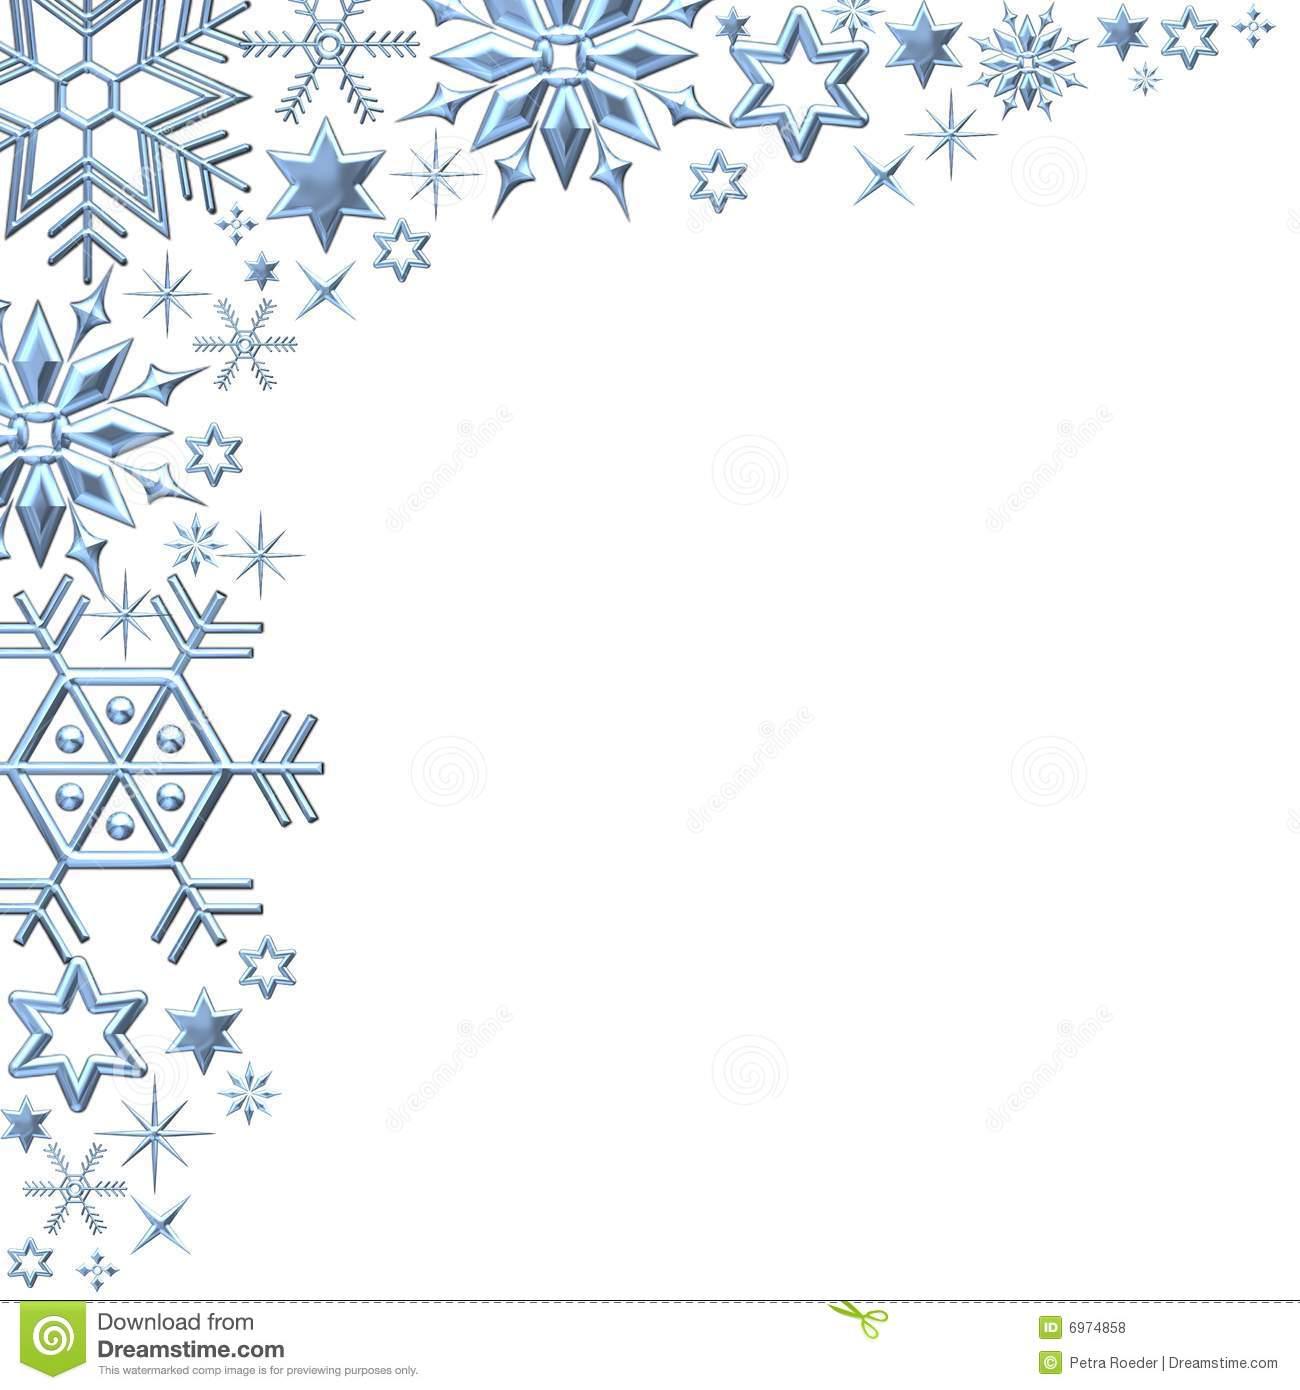 Snow Clip Let Art Borders It